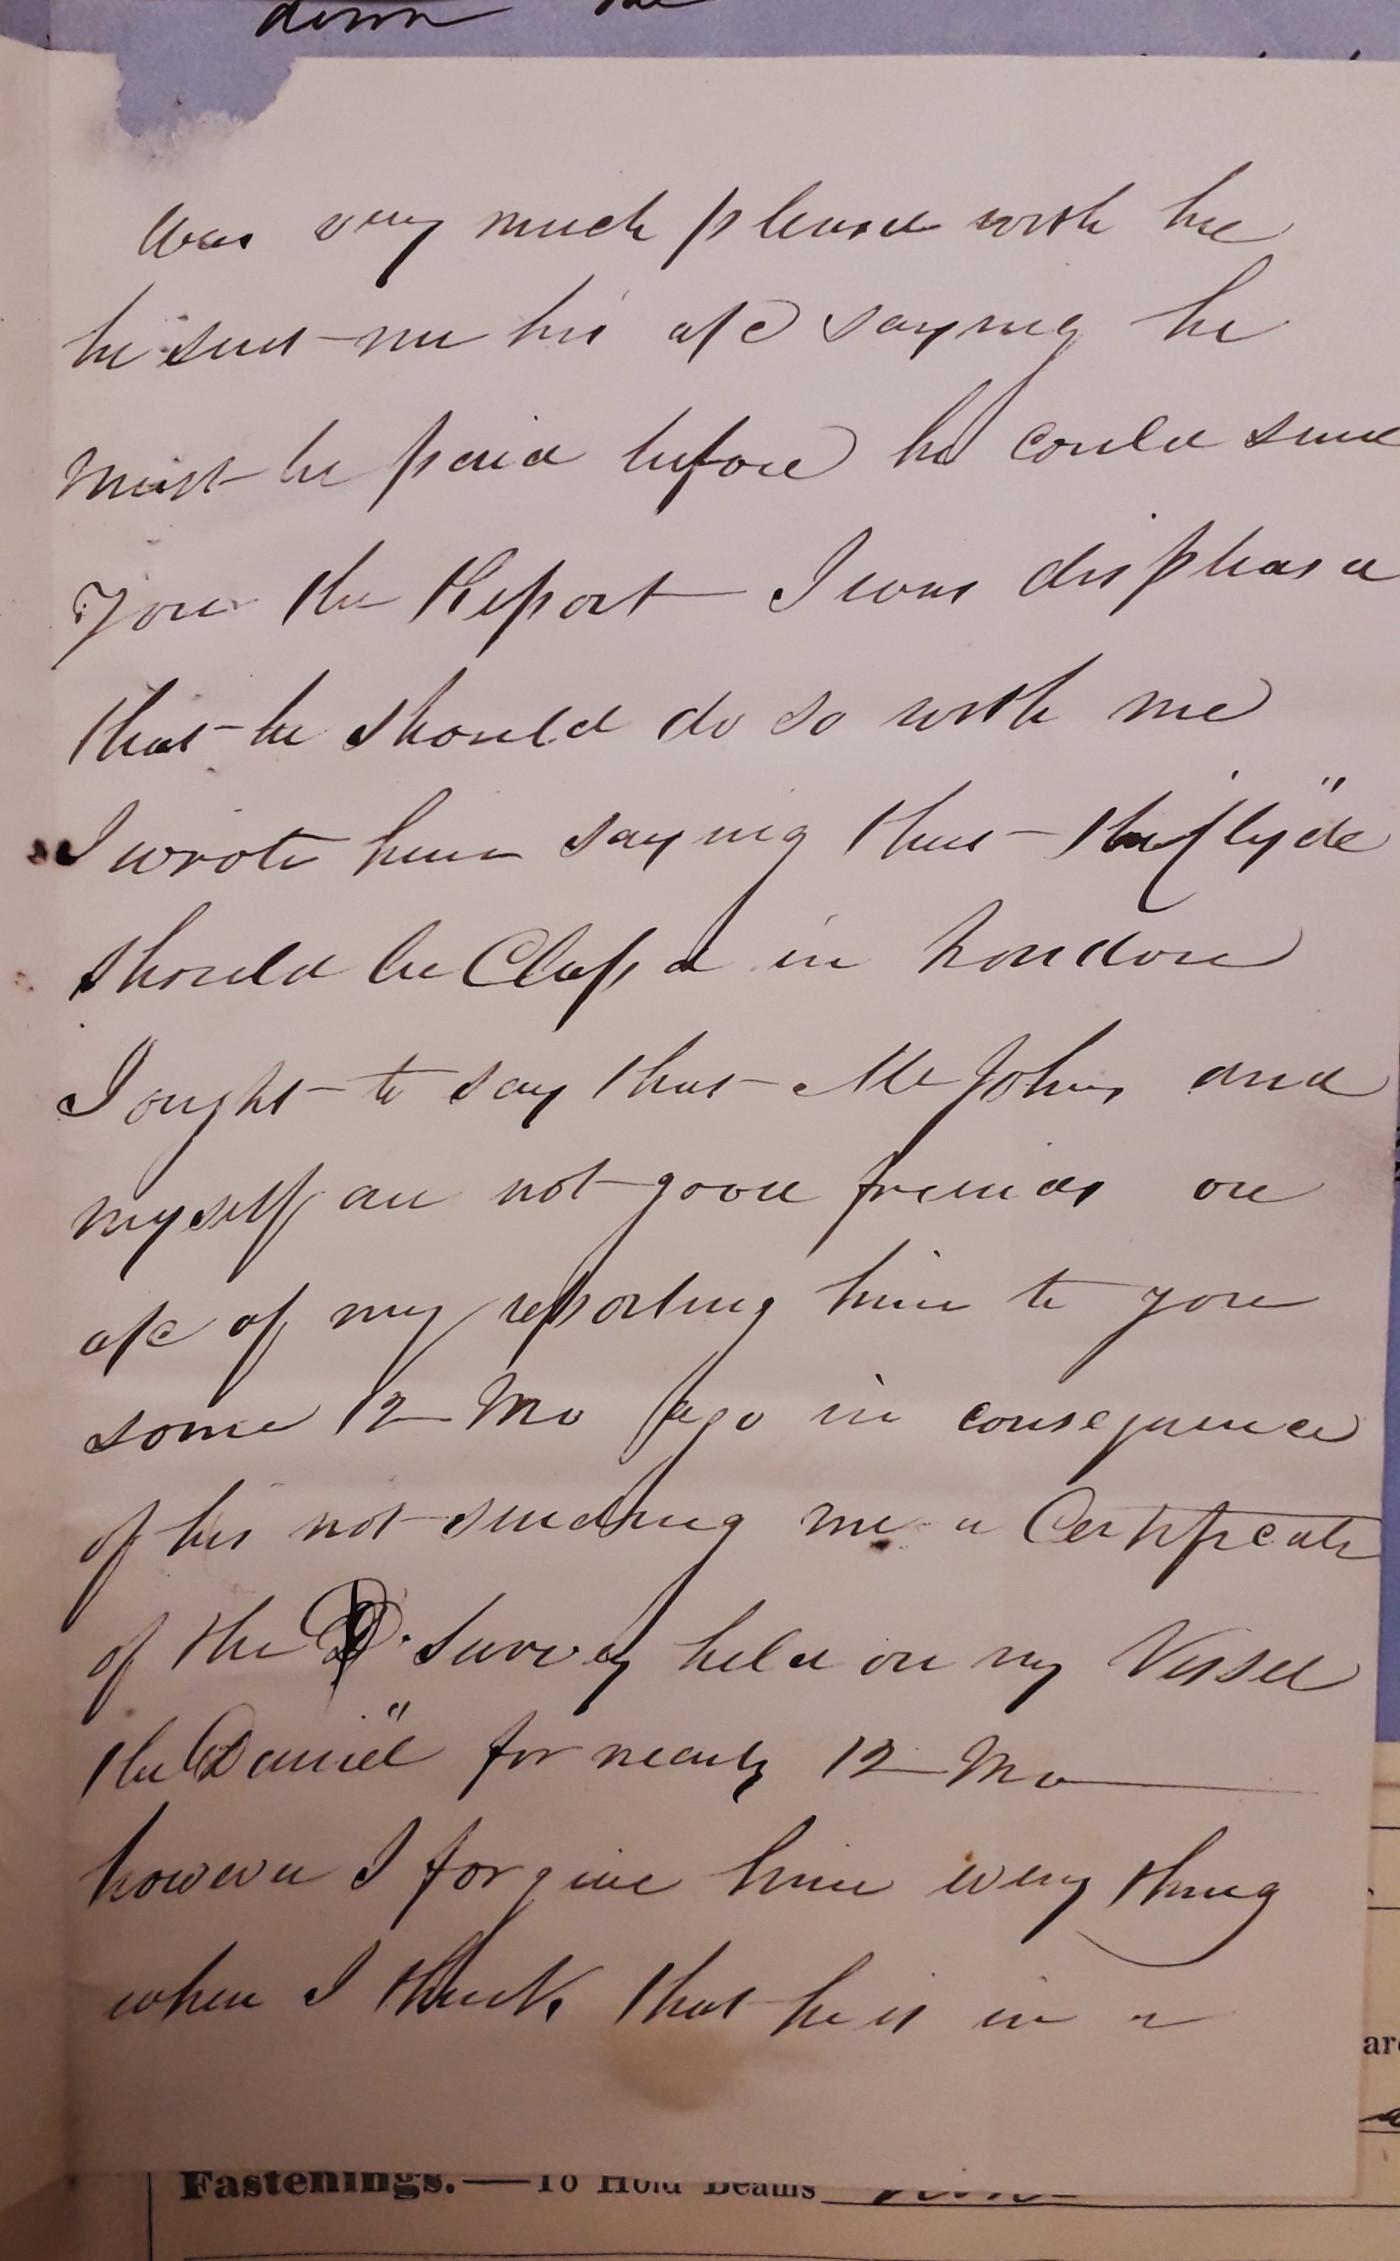 Bangor survey letter5